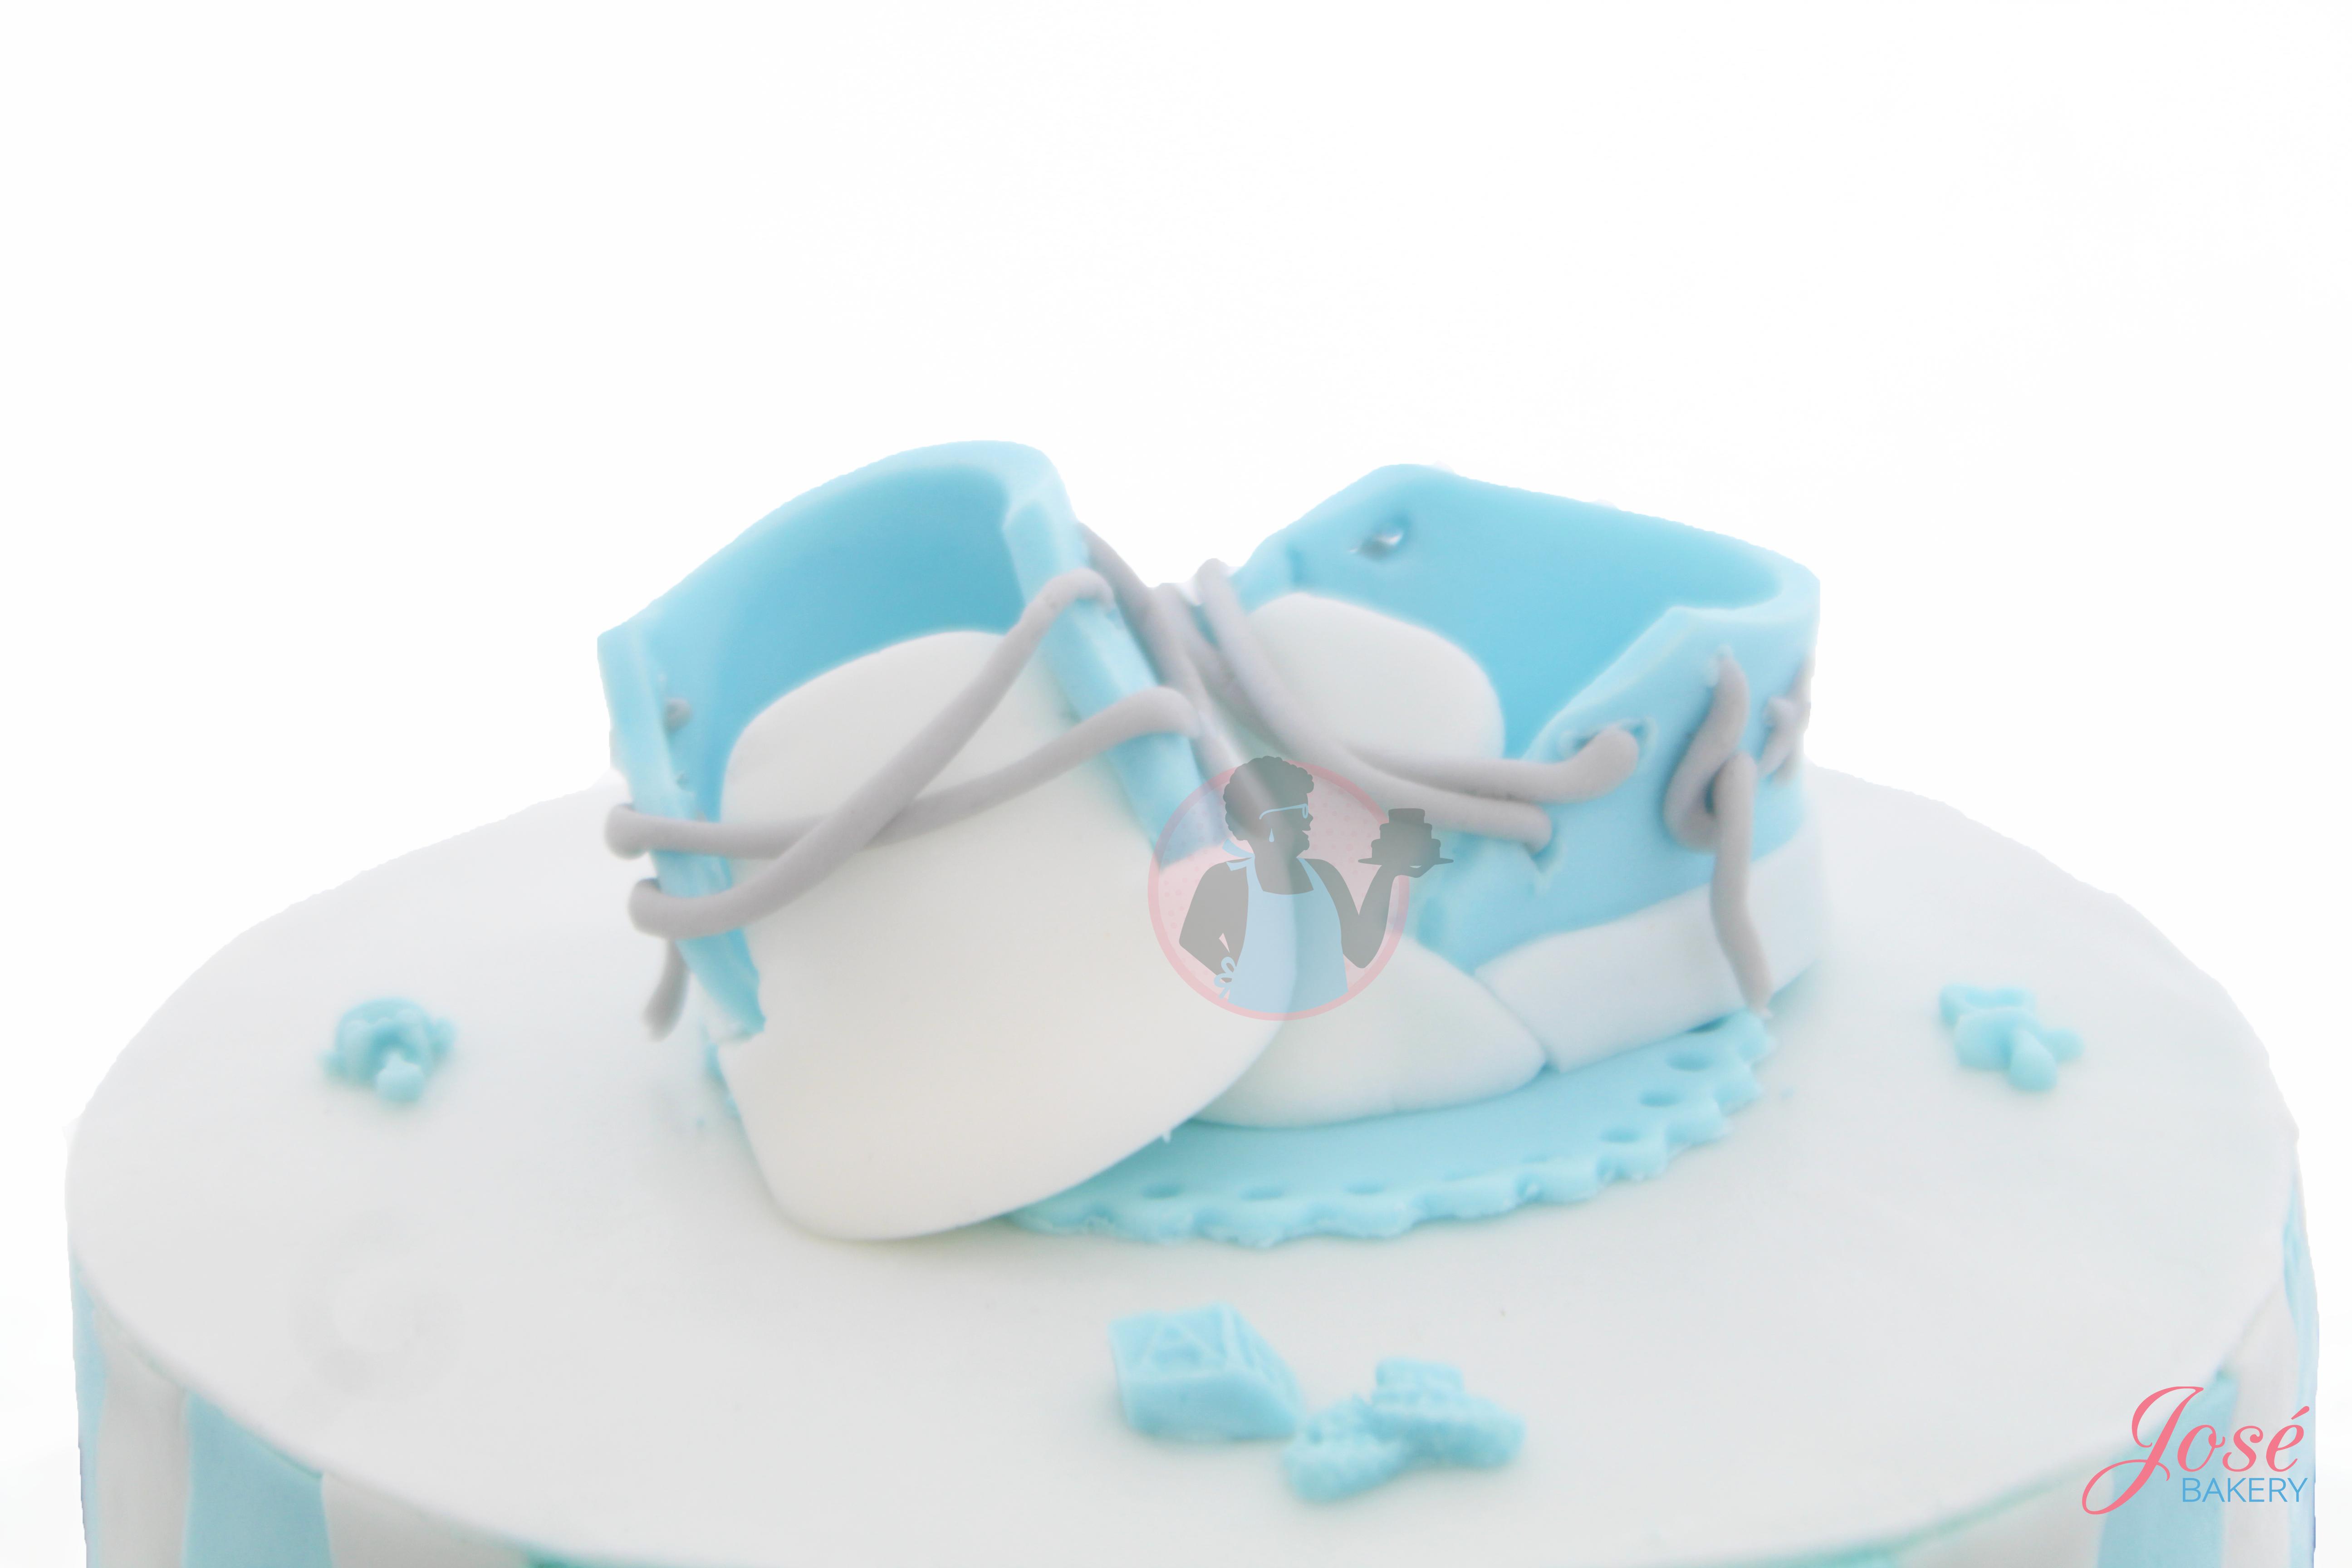 Spullen Voor Babyshower.Babyshower Taart Met Schoentjes En Mini Cupcakes 9 Personen